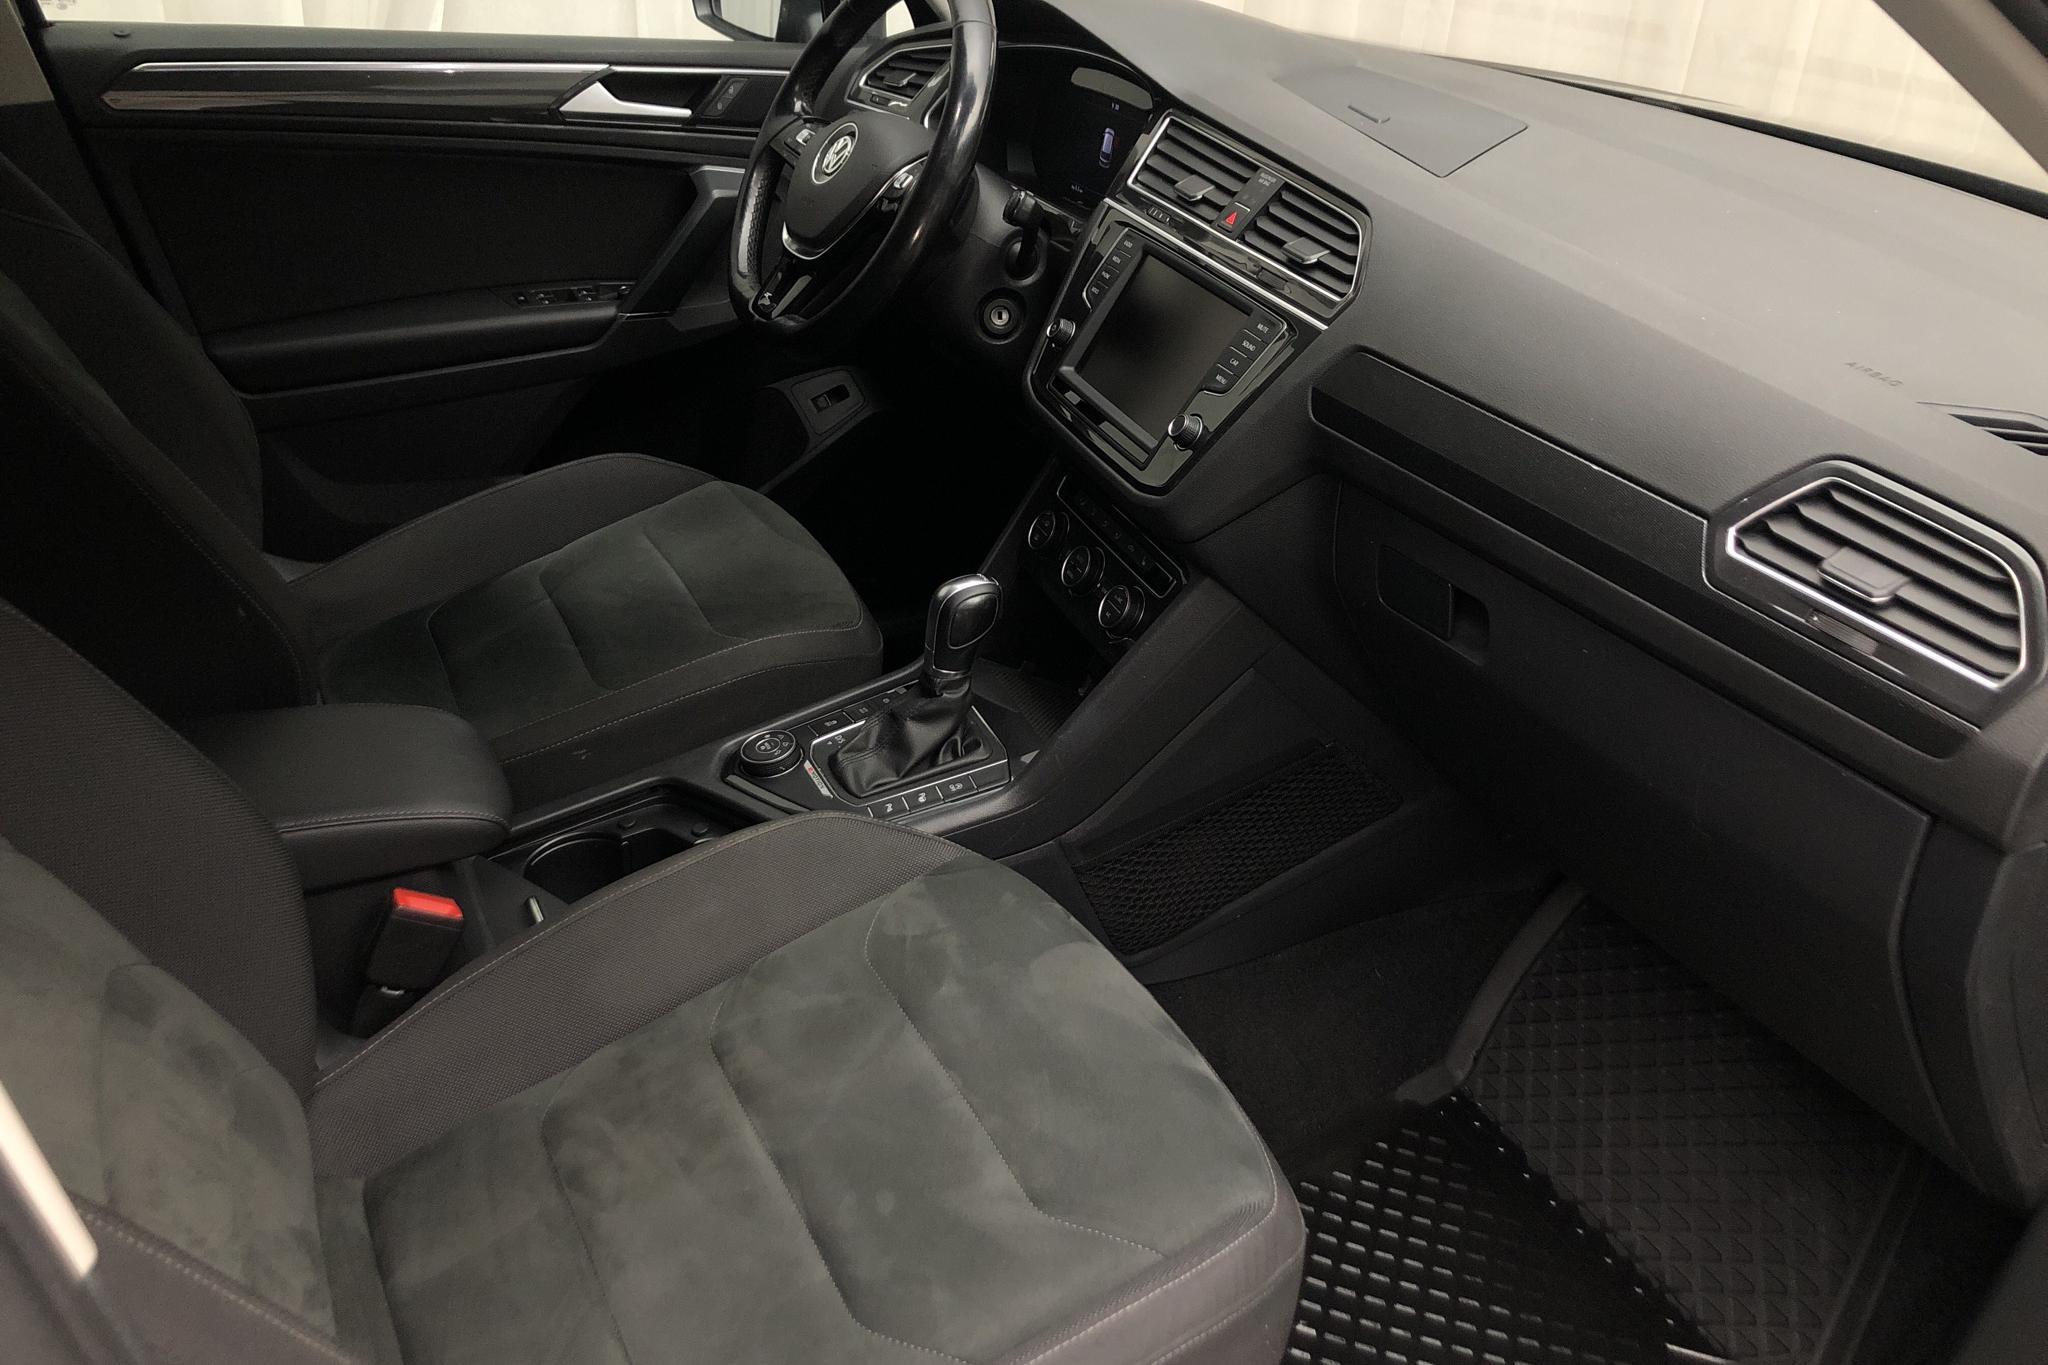 VW Tiguan 2.0 TDI 4MOTION (190hk) - 181 970 km - Automatic - black - 2017